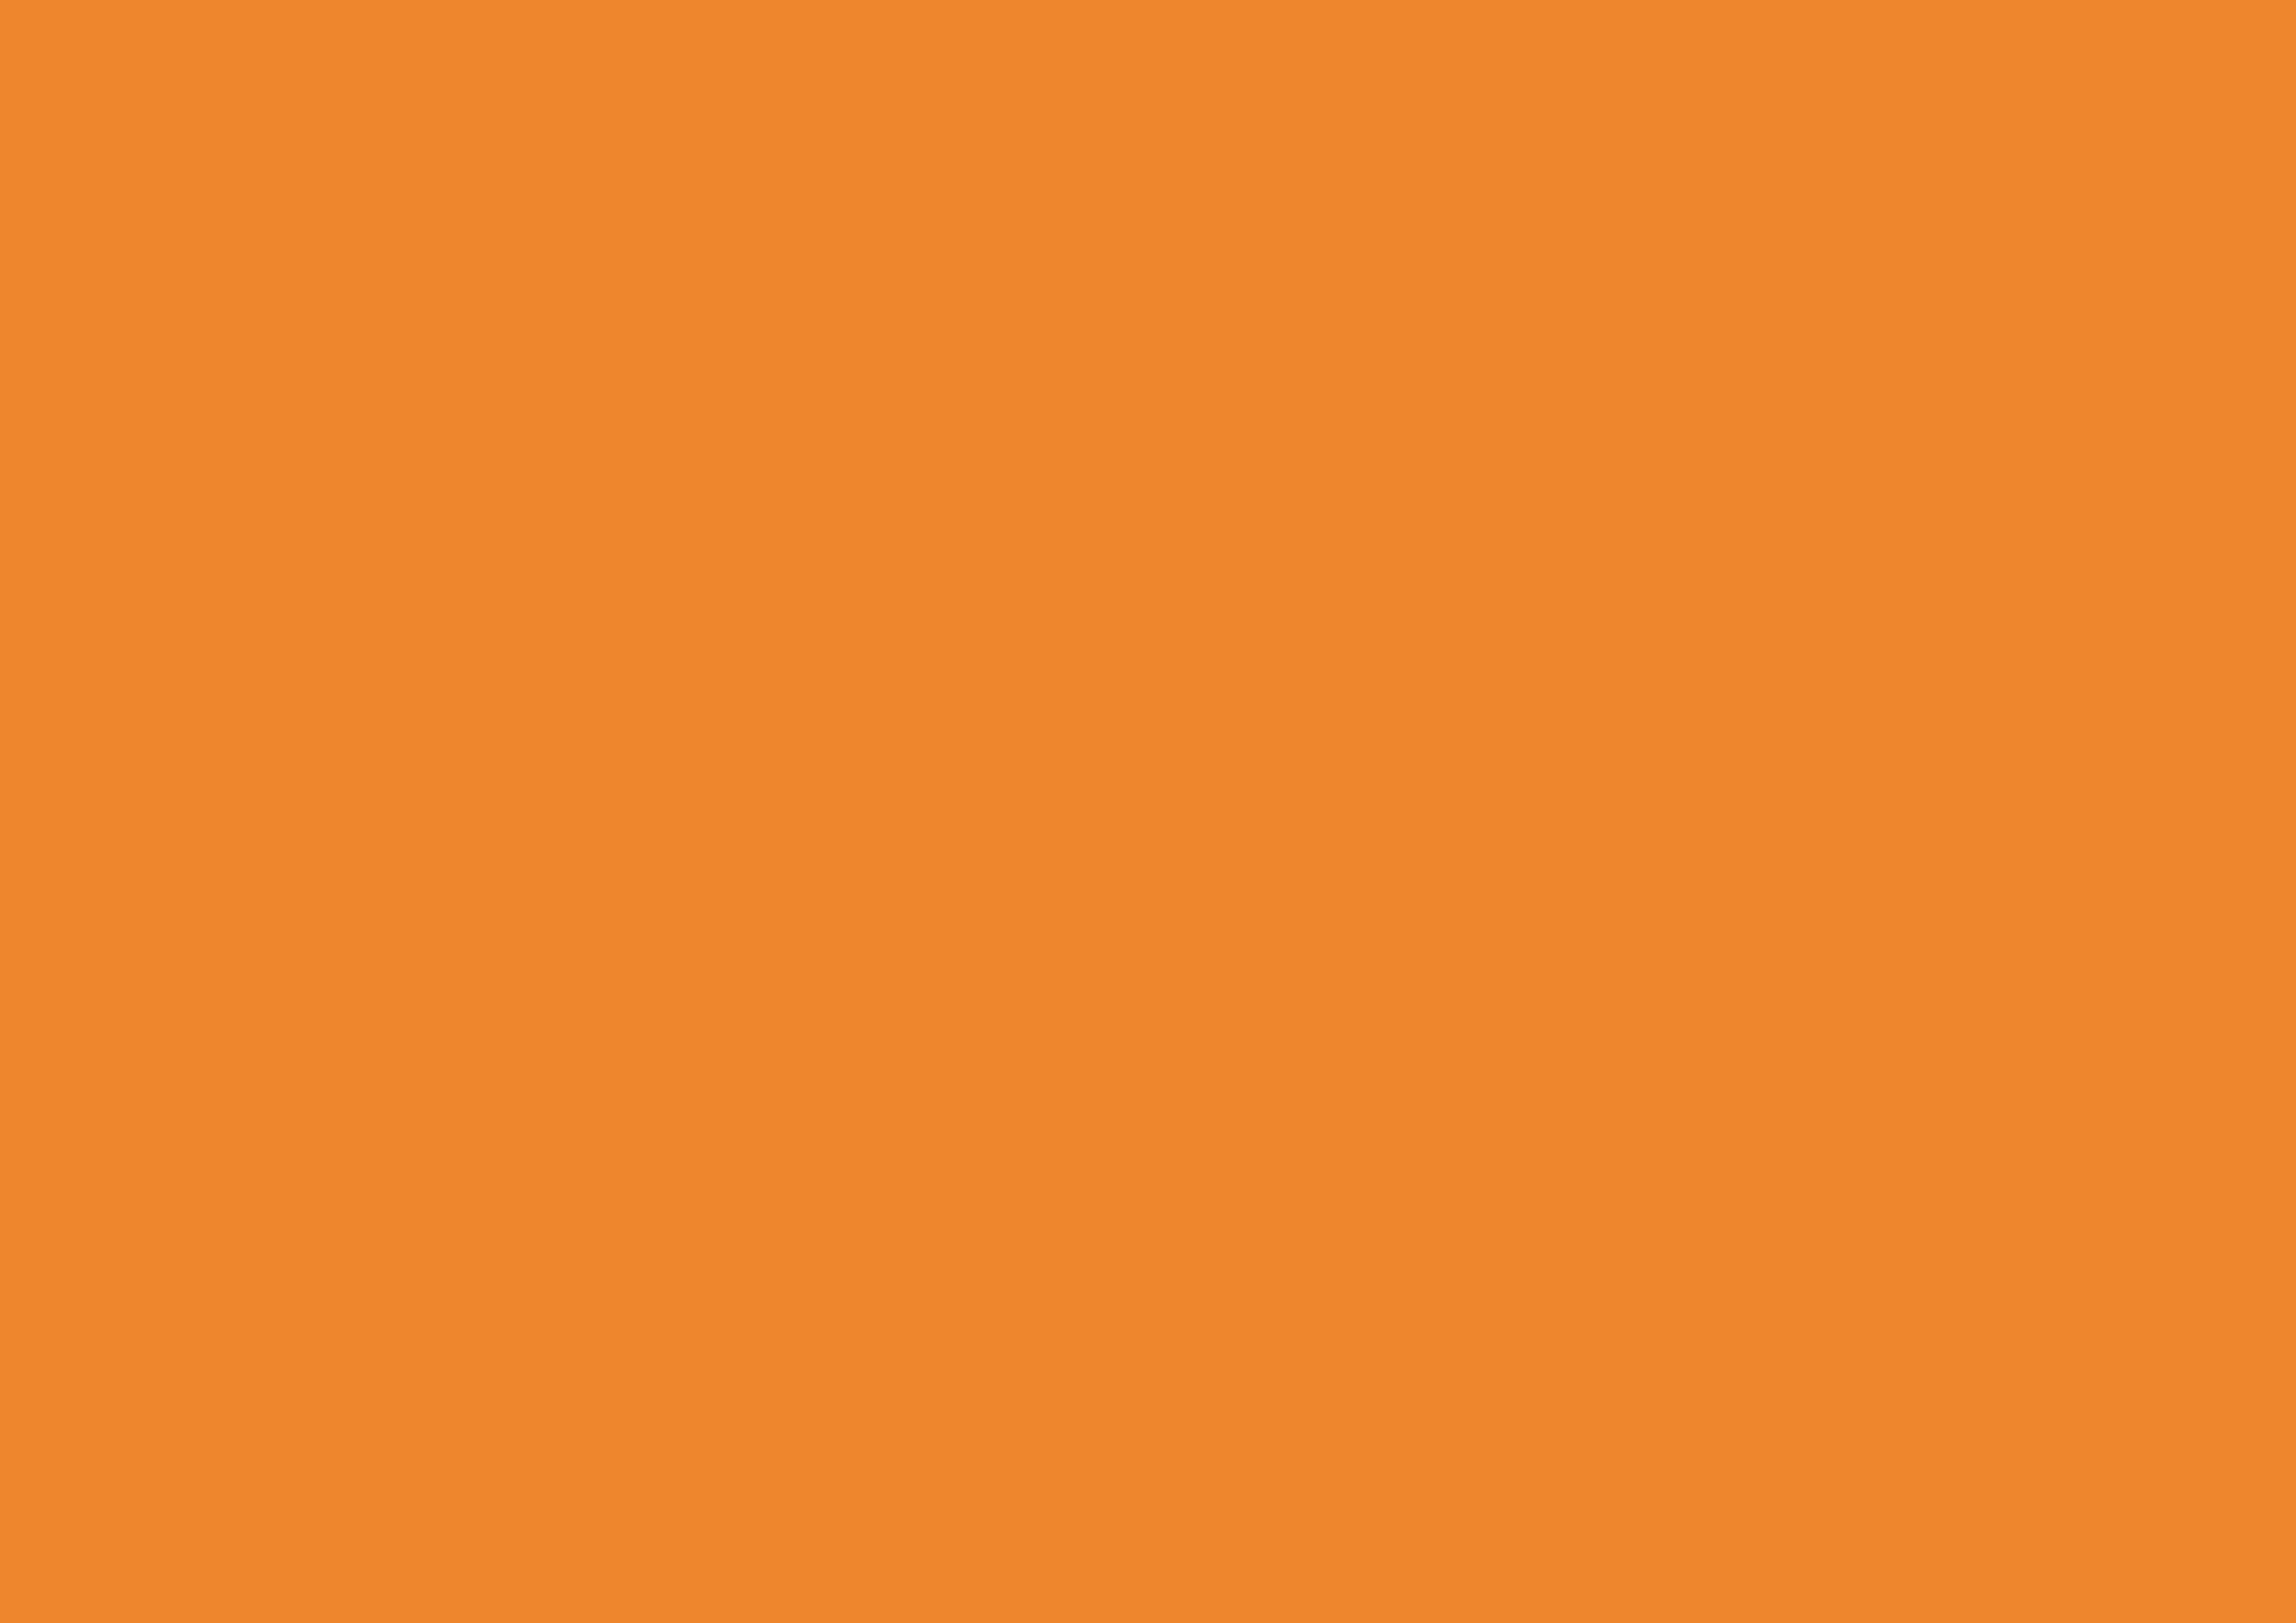 3508x2480 Cadmium Orange Solid Color Background